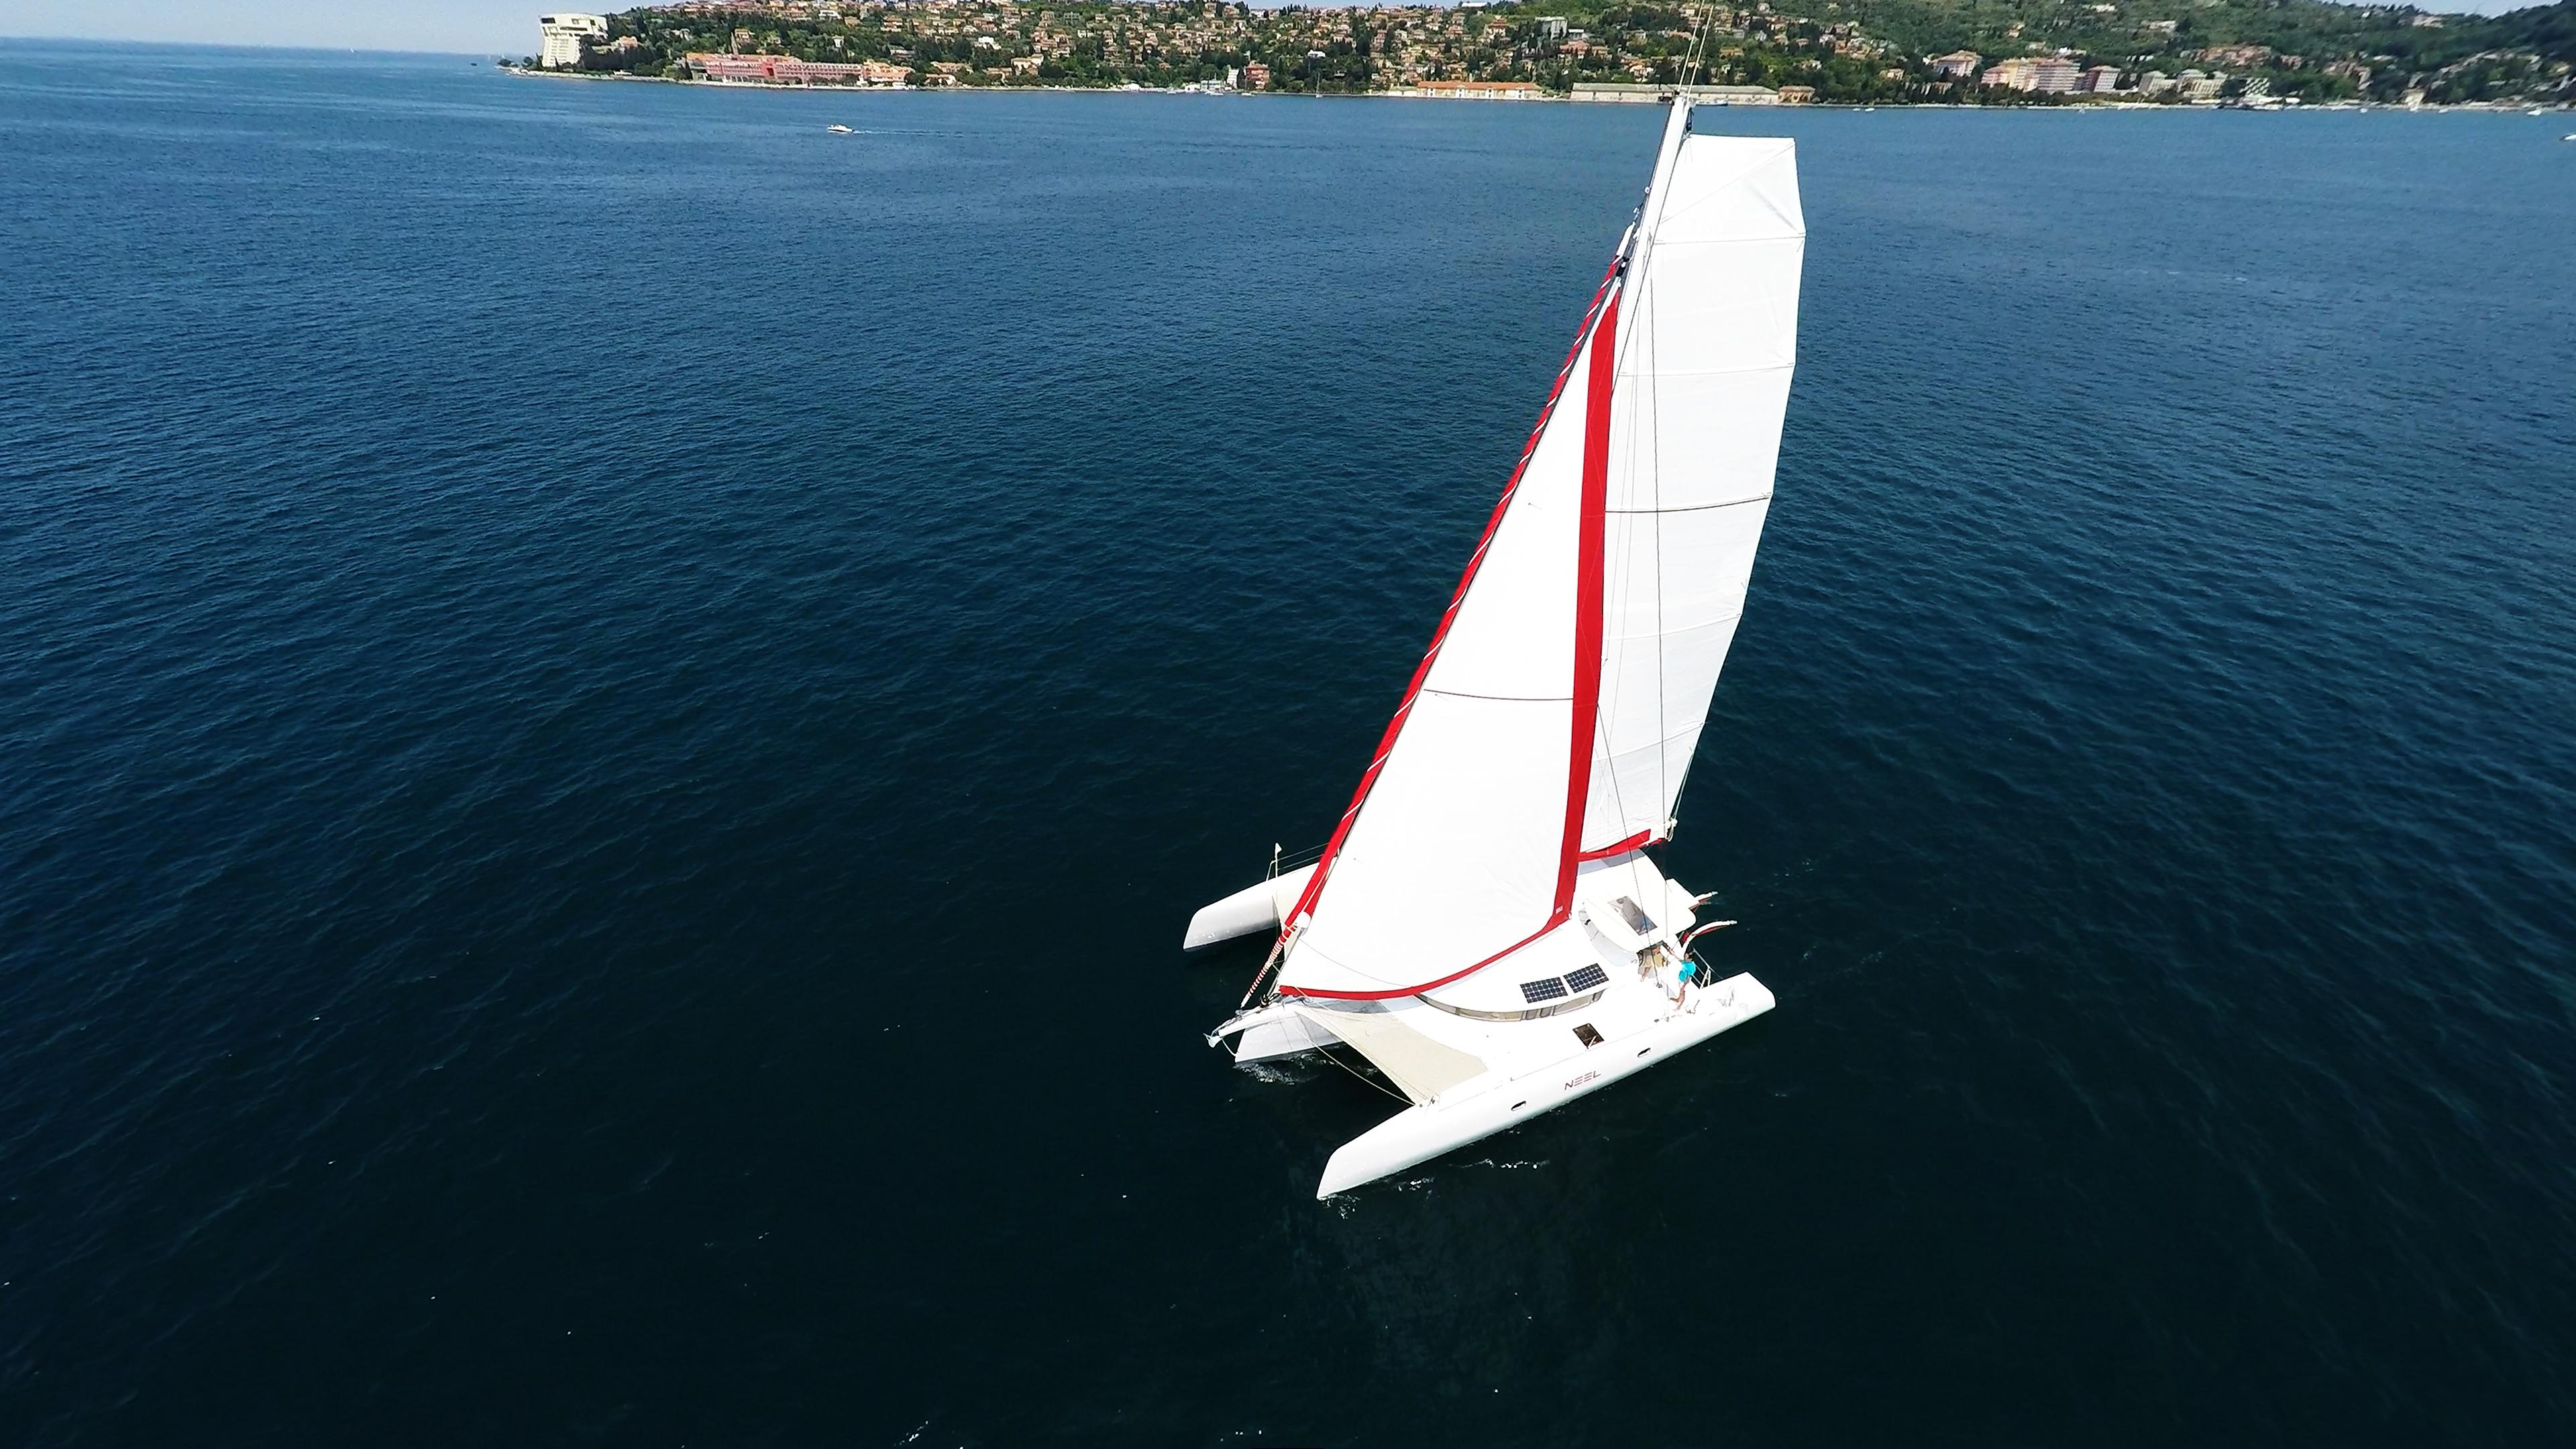 foto aerea di trimaranoo a noleggio barca a vela croatia